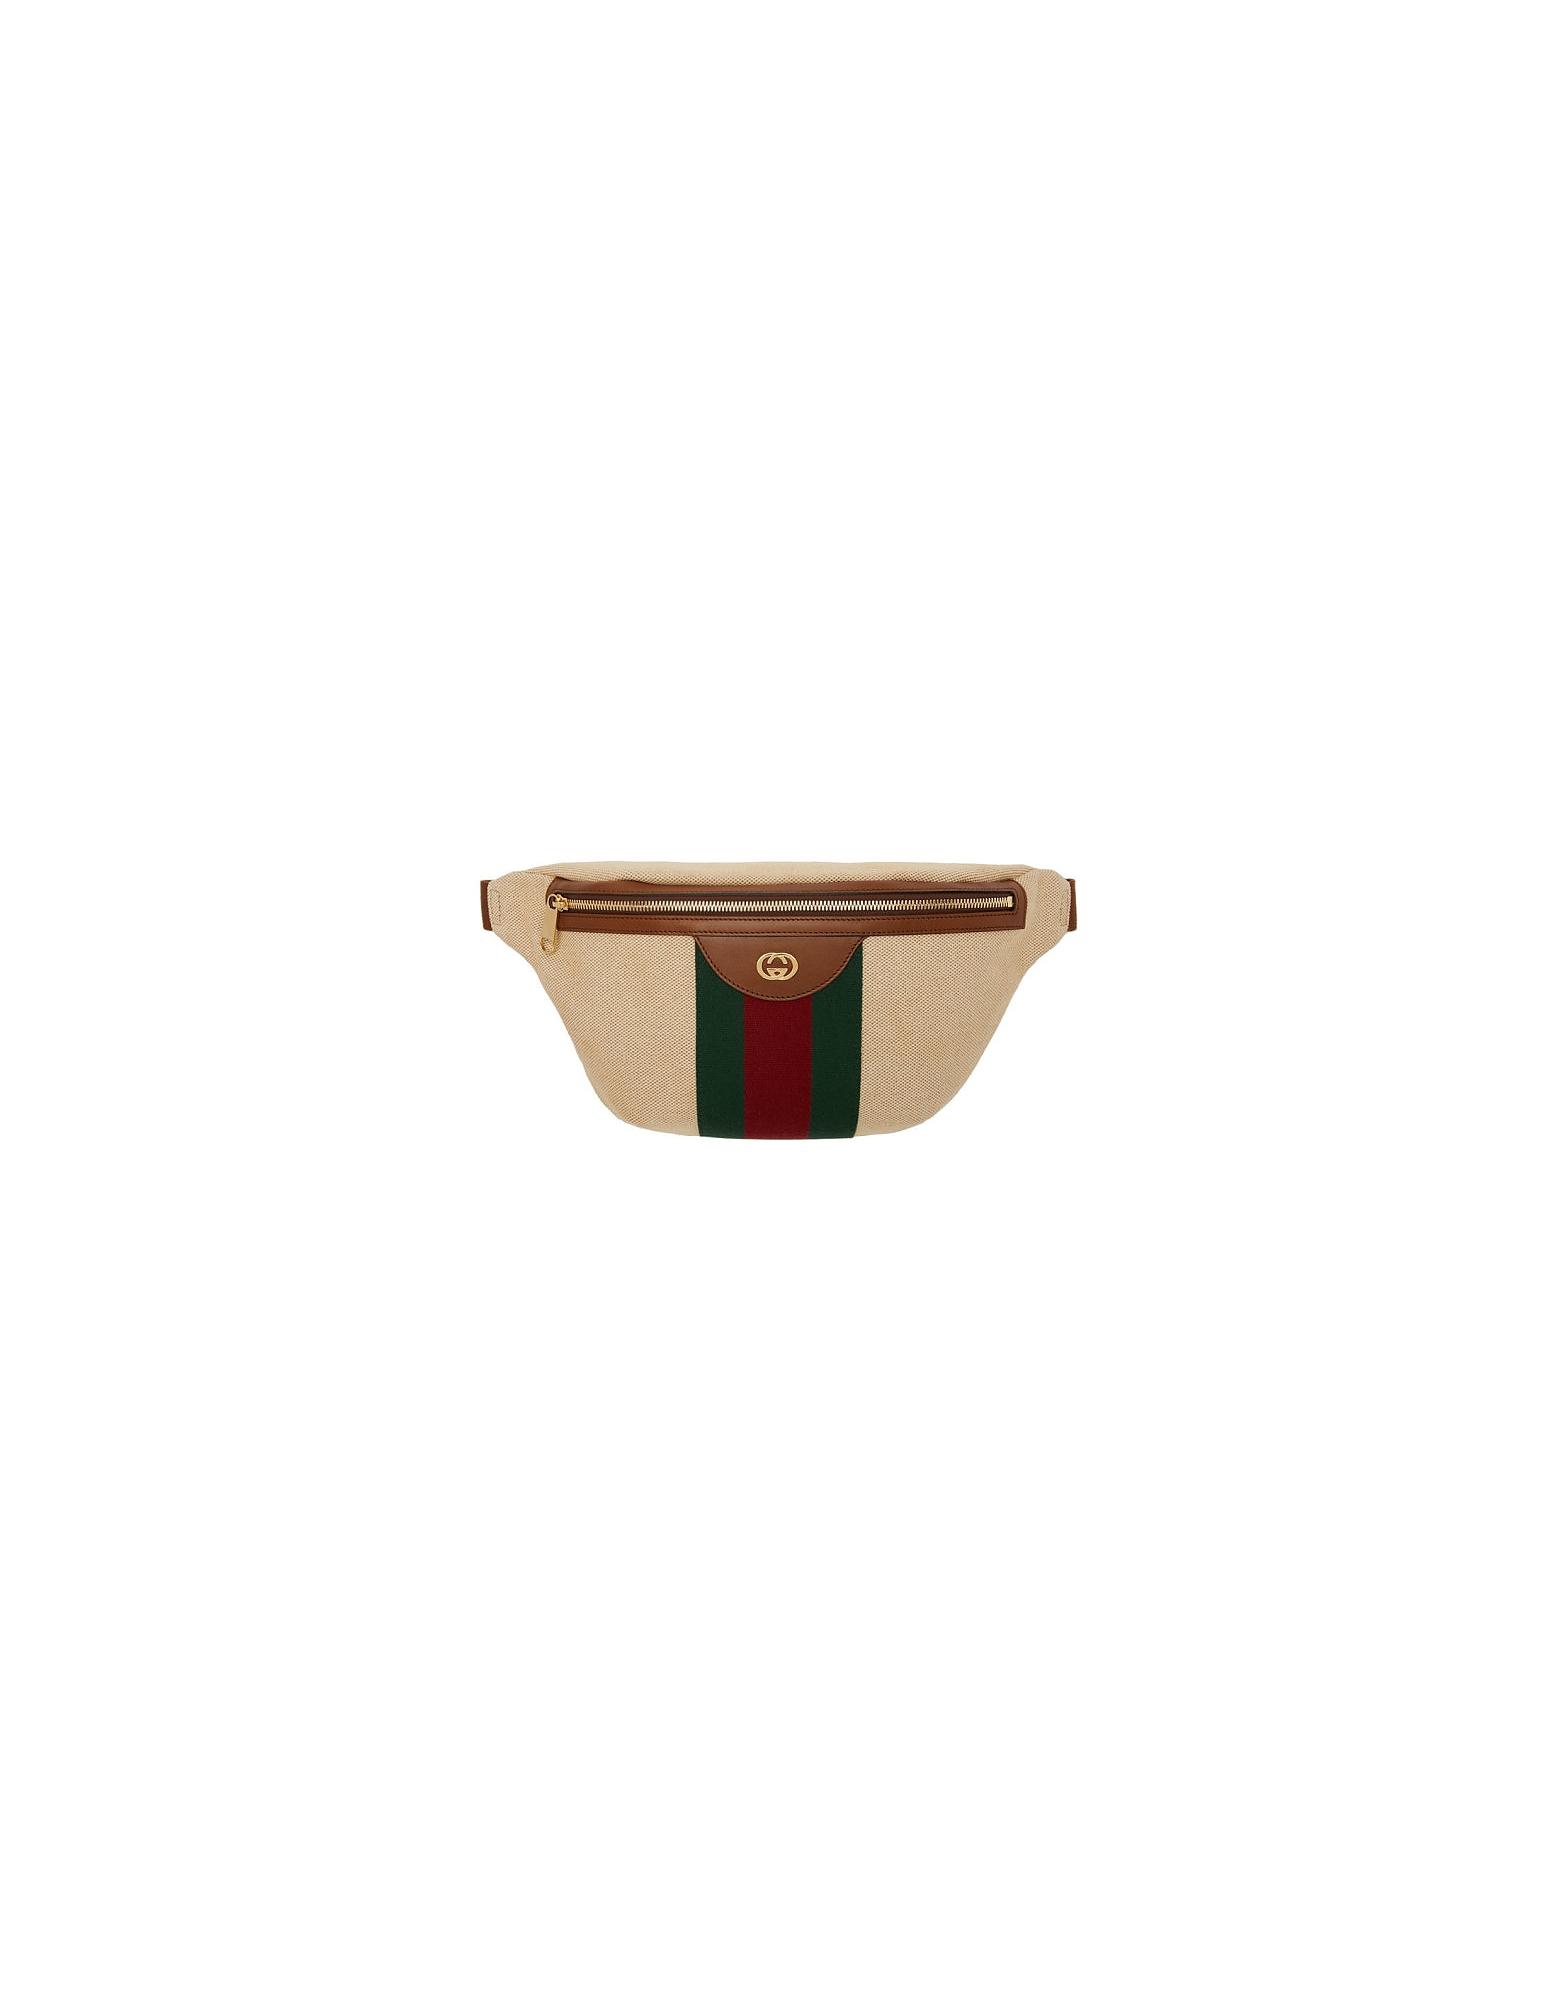 Gucci Designer Handbags, Beige GG Vintage Belt Bag